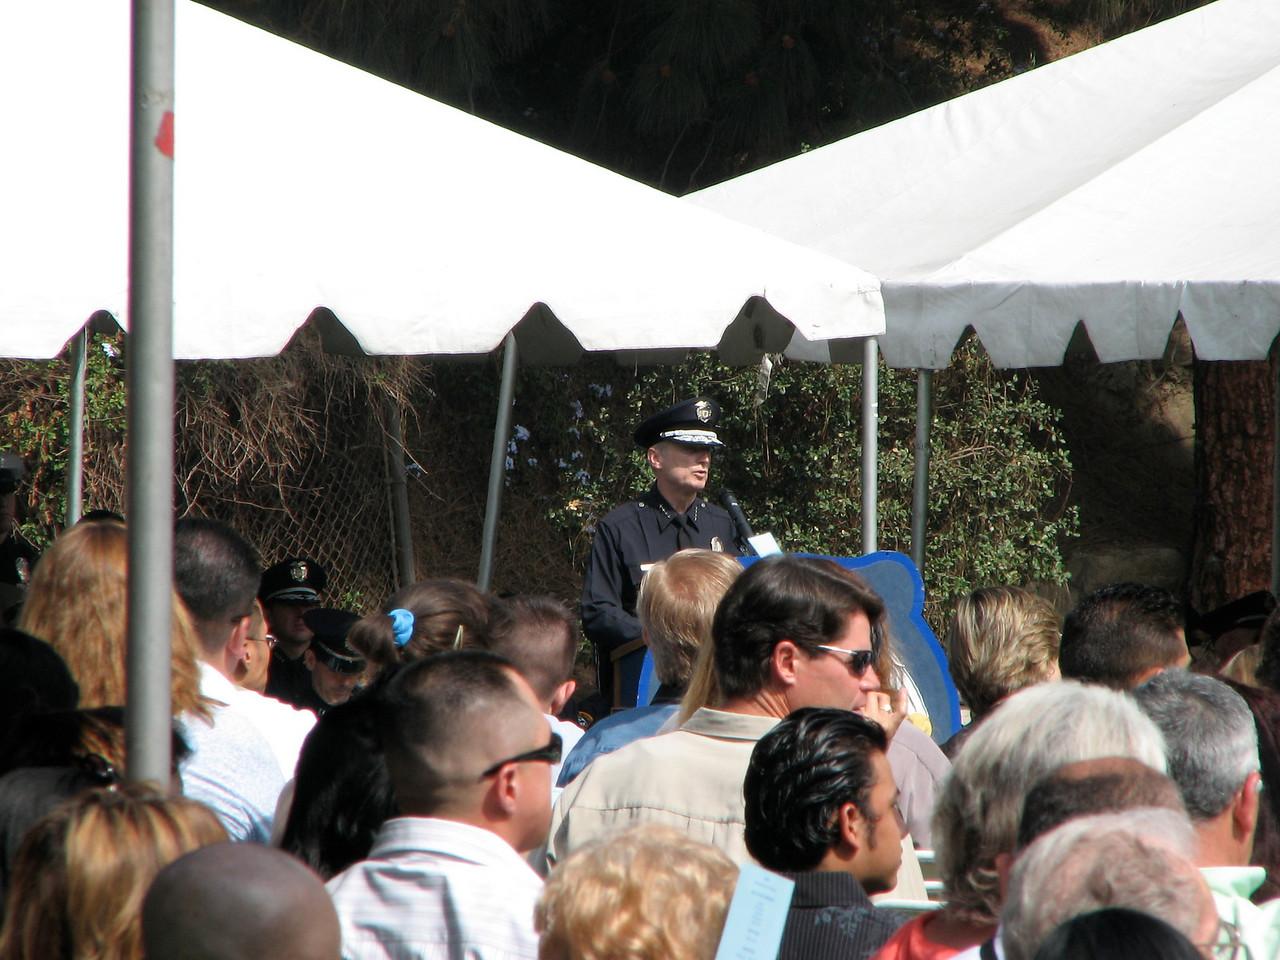 2007 05 25 Fri - LAPD Police Chief speech